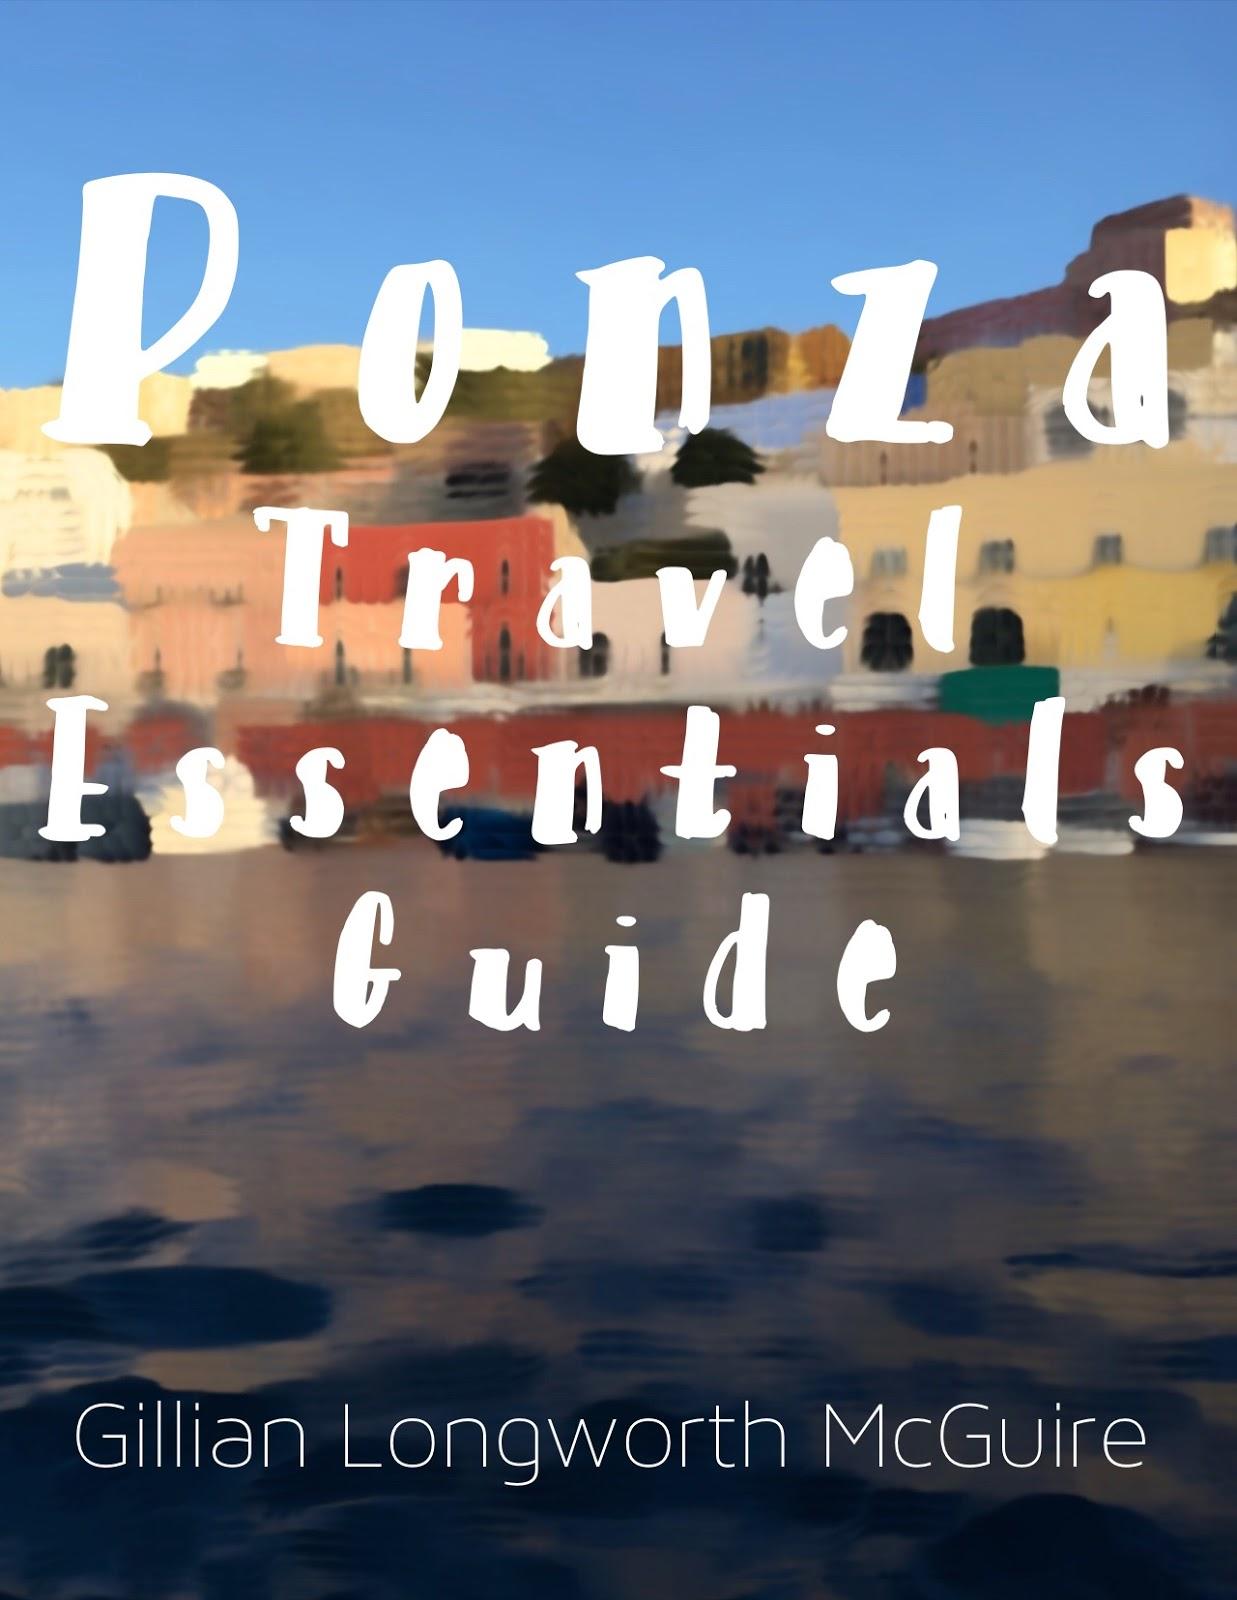 Ponza Guide